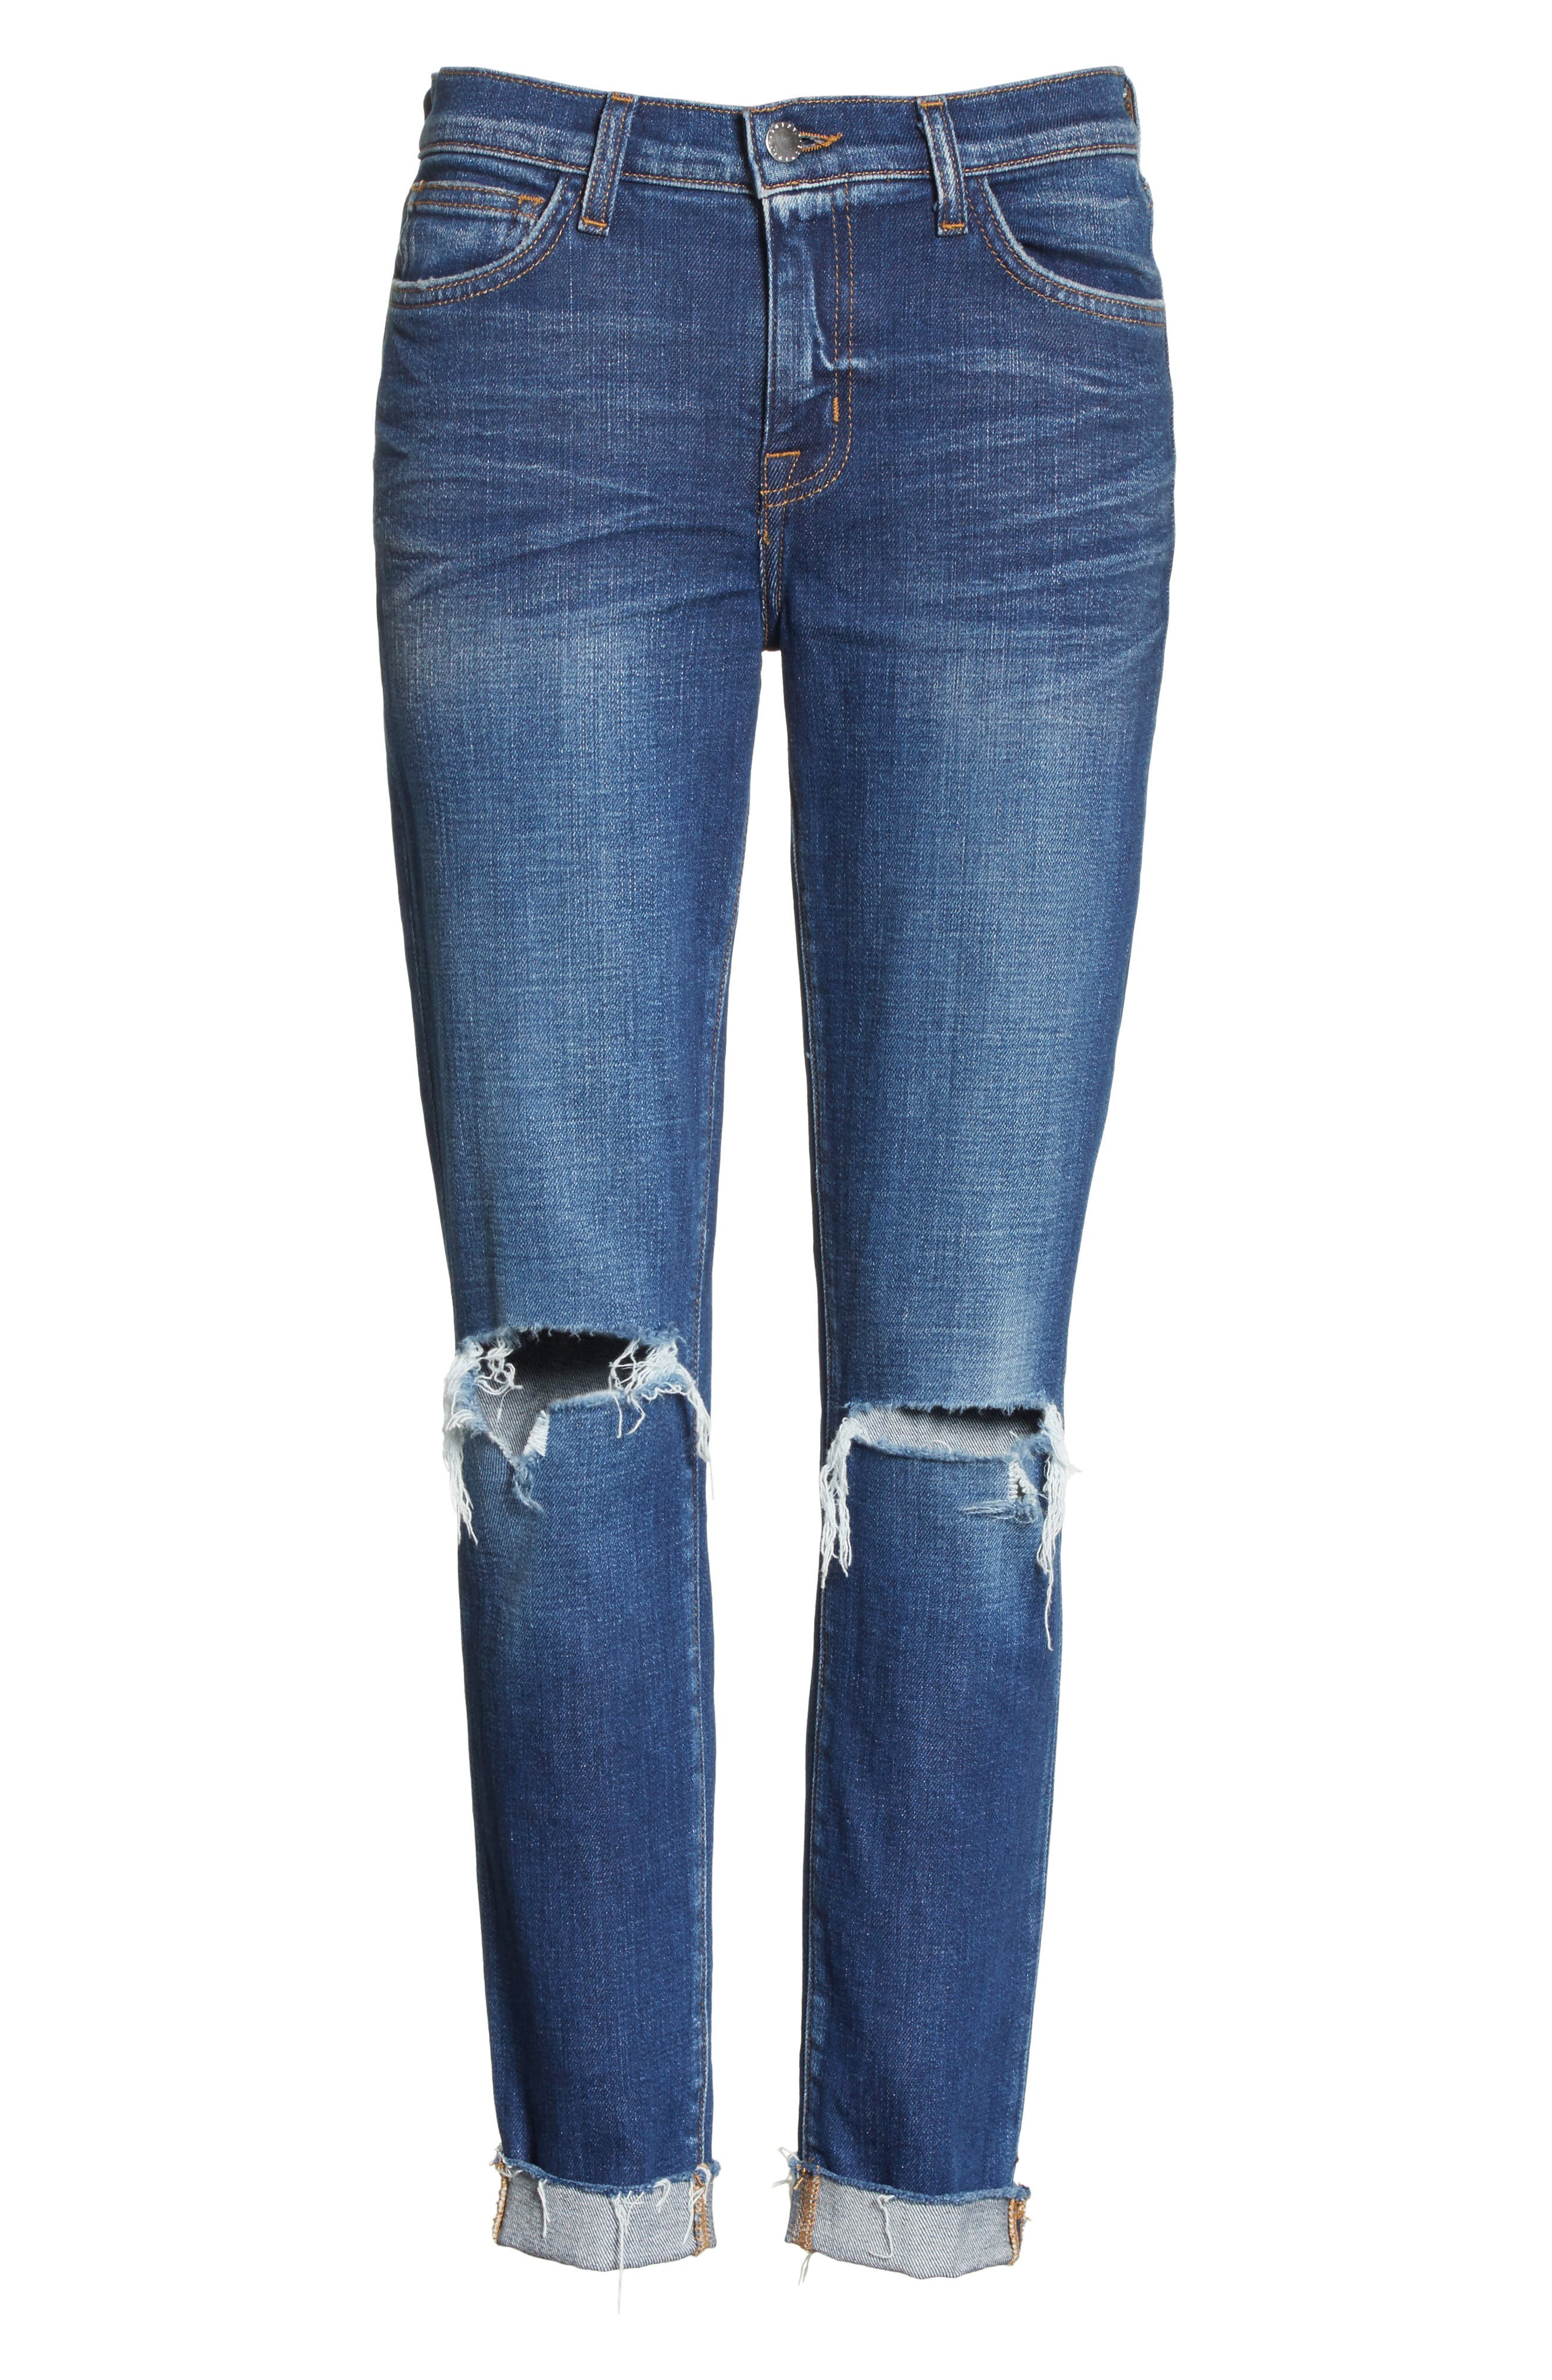 Rachel Ripped Crop Slim Fit Jeans,                             Alternate thumbnail 6, color,                             Diamond Destruct